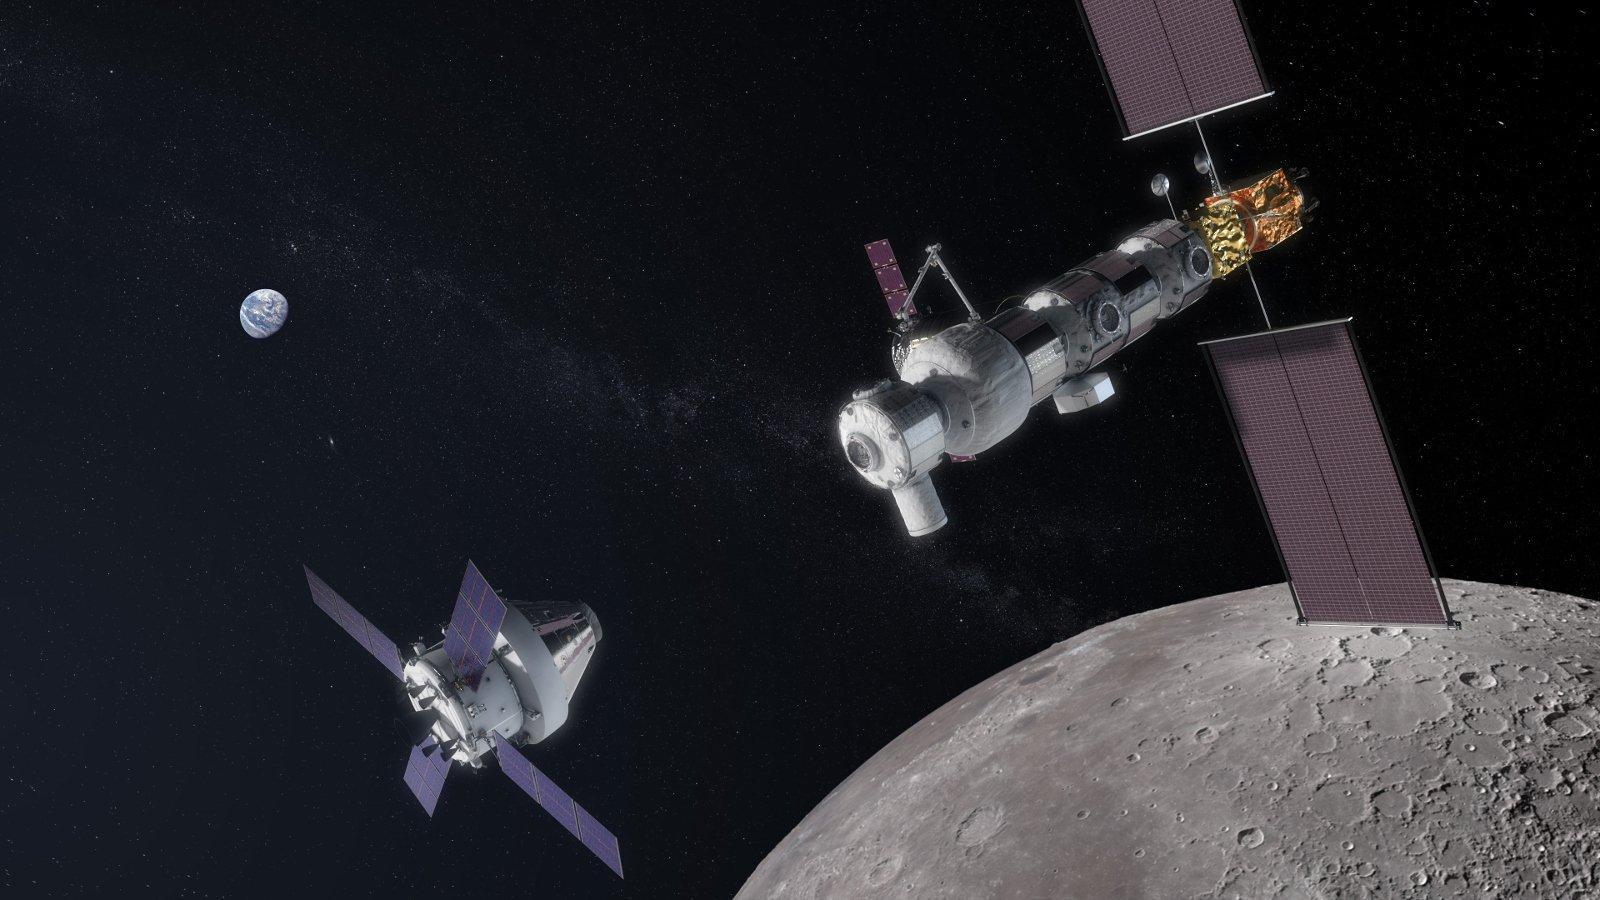 Lunar Orbital Platform-Gateway, Rendezvous mit einem Orion-Raumschiff im Mondorbit